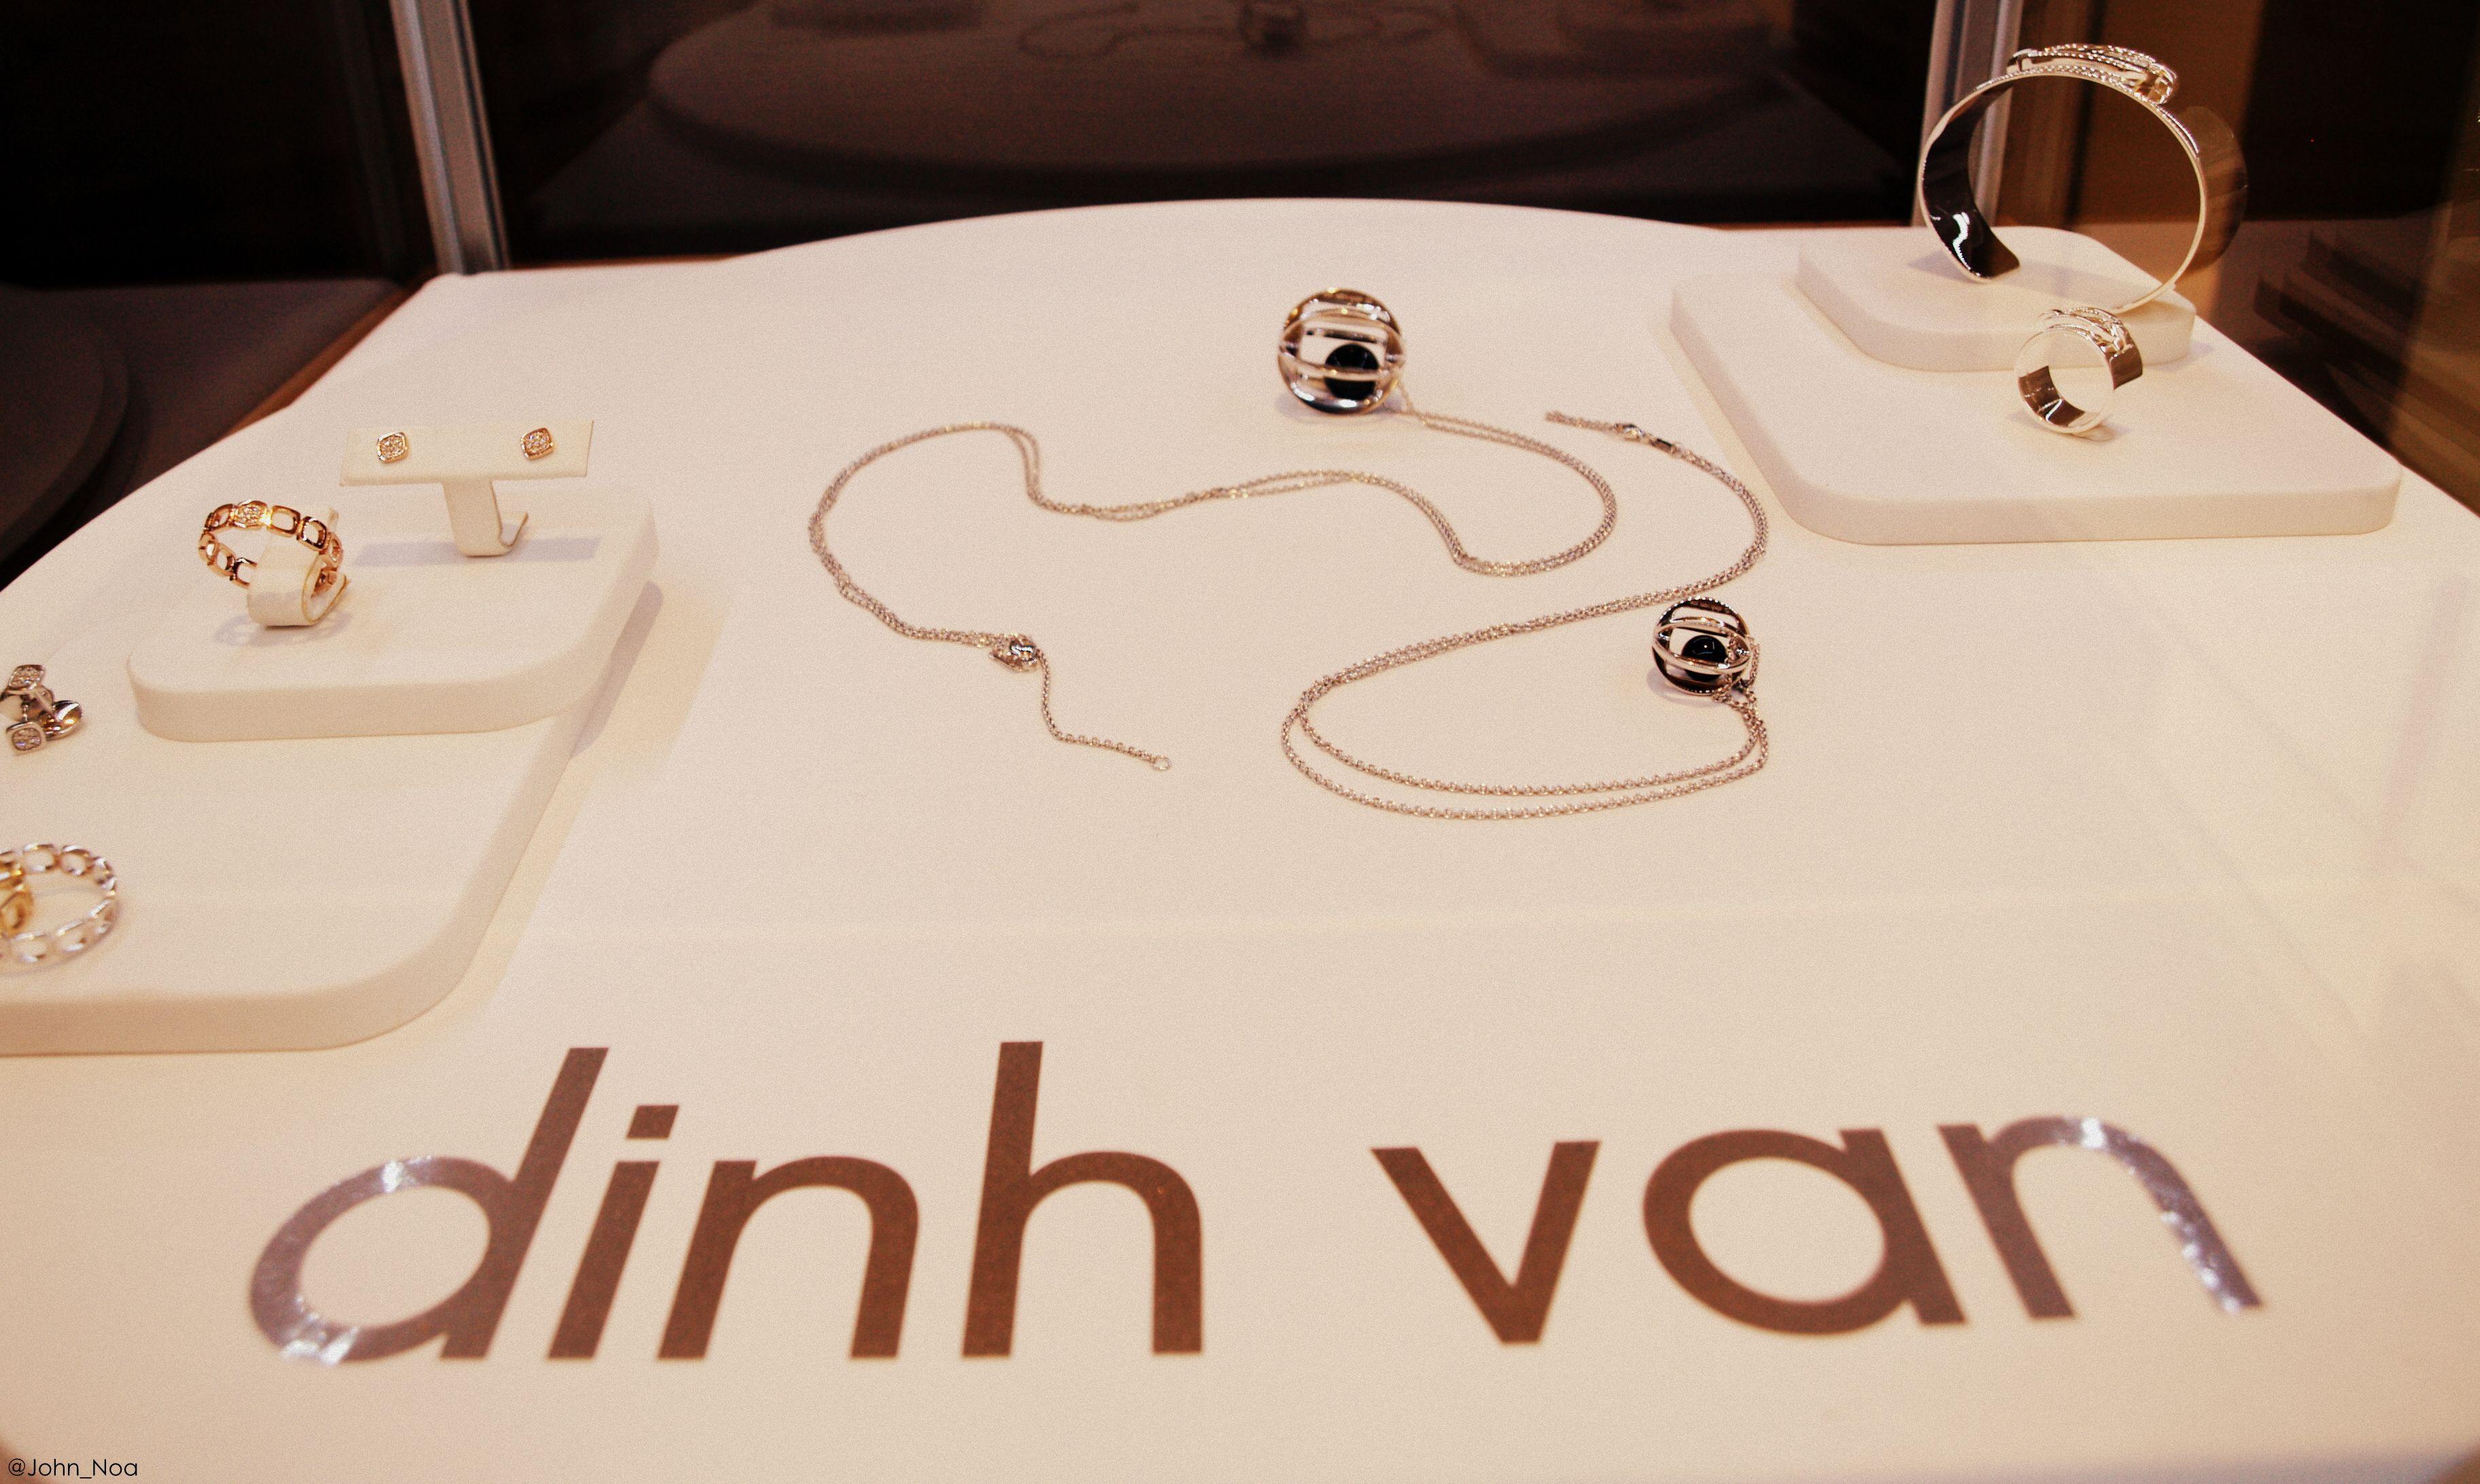 Nouveauté 2012 chez dinh van